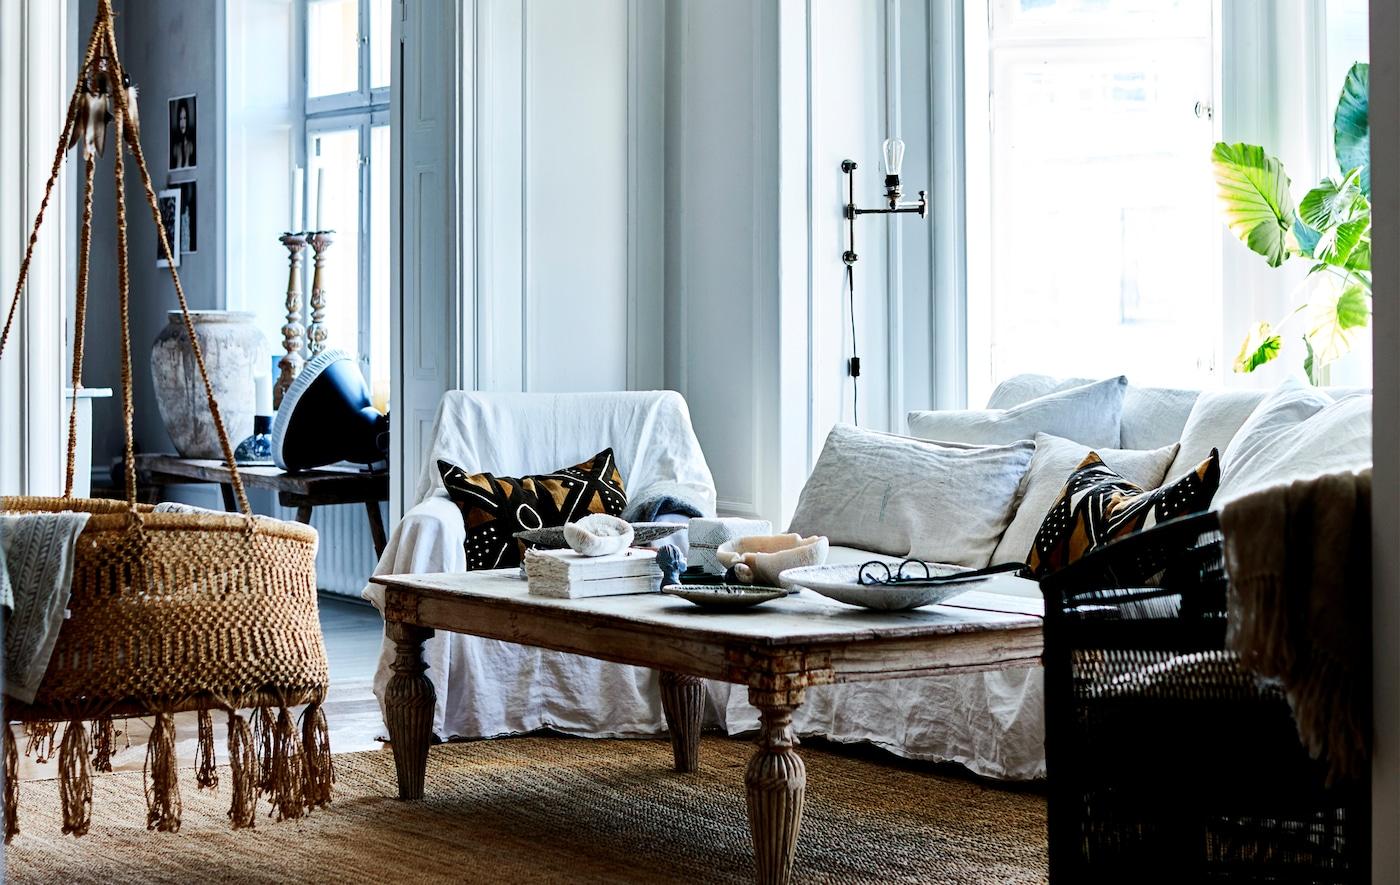 Séjour avec un canapé blanc, une table rustique et un siège suspendu en rotin.